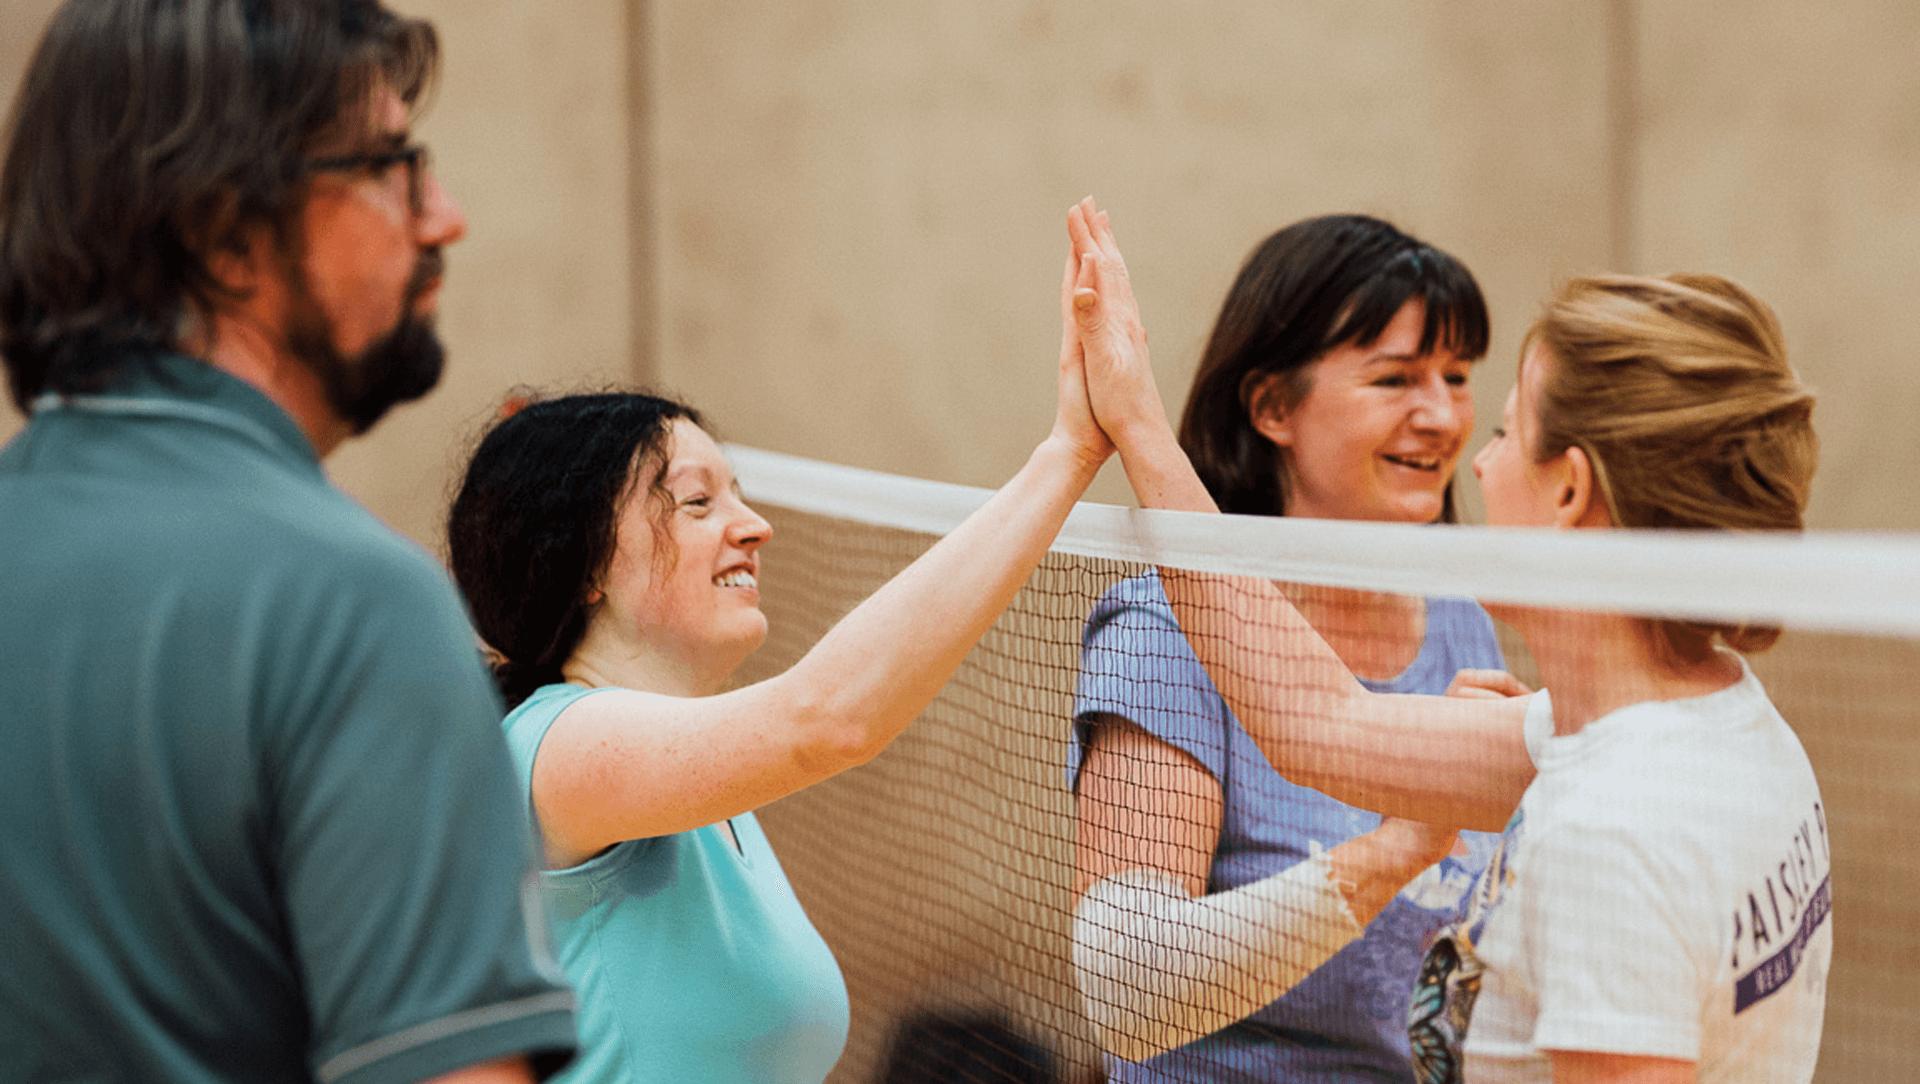 no-strings-badminton | Badminton England